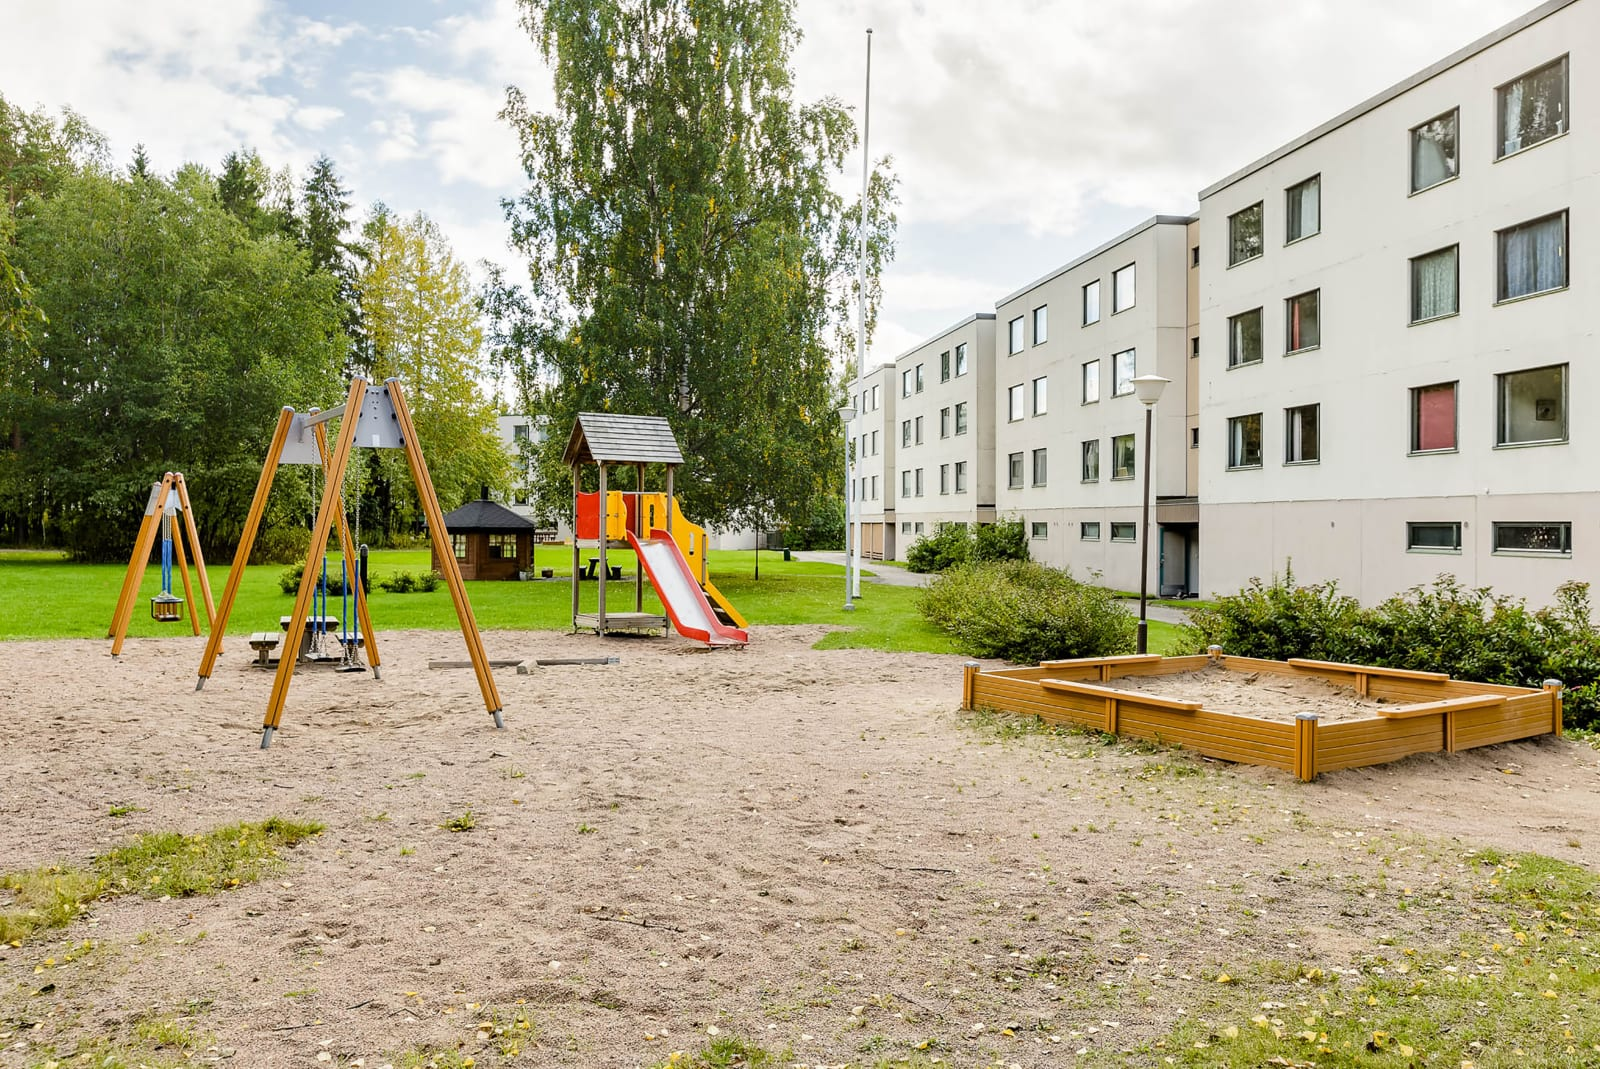 Tampere, Lentävänniemi, Lentävänniemenkatu 4